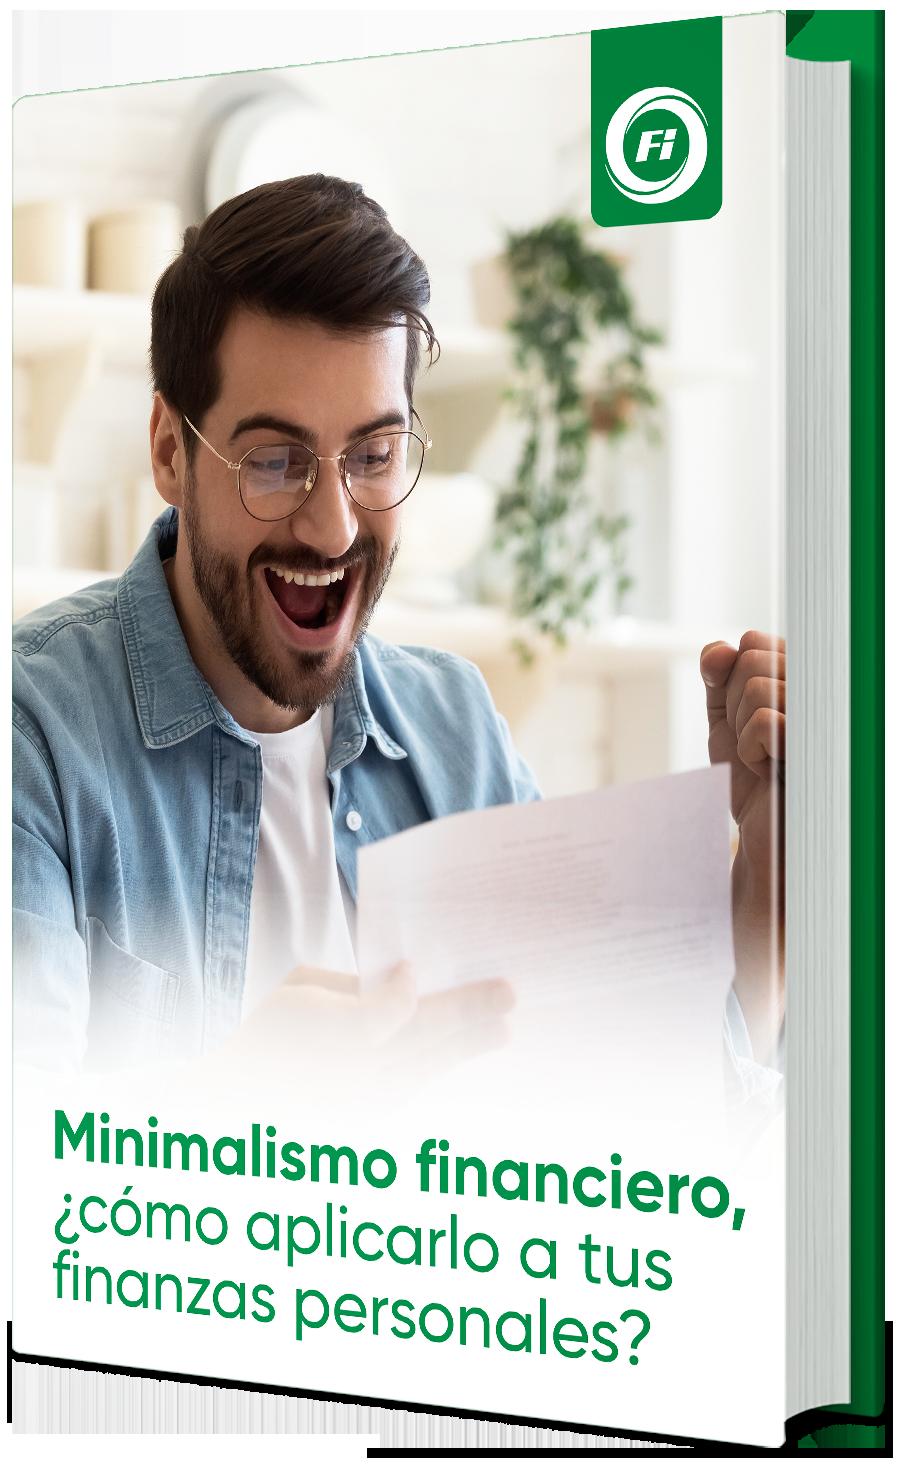 Minimalismo financiero, ¿cómo aplicarlo a tus finanzas personales?